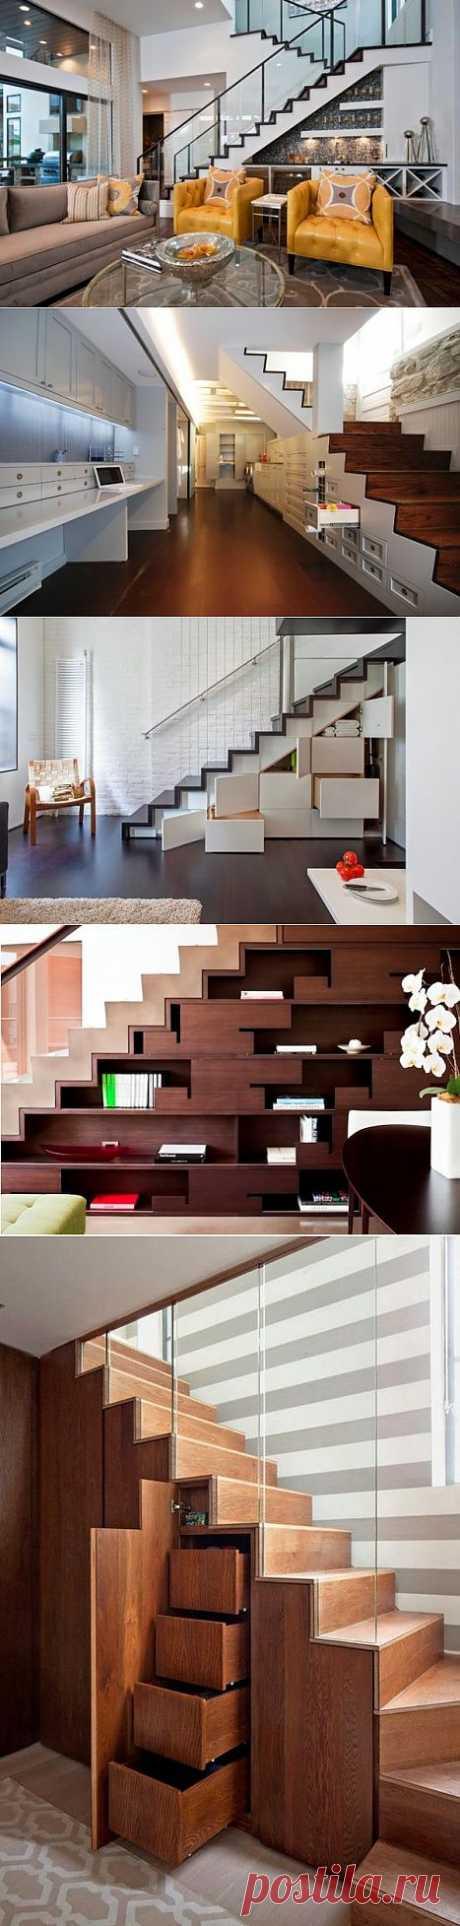 10 современных идей для хранения под лестницей